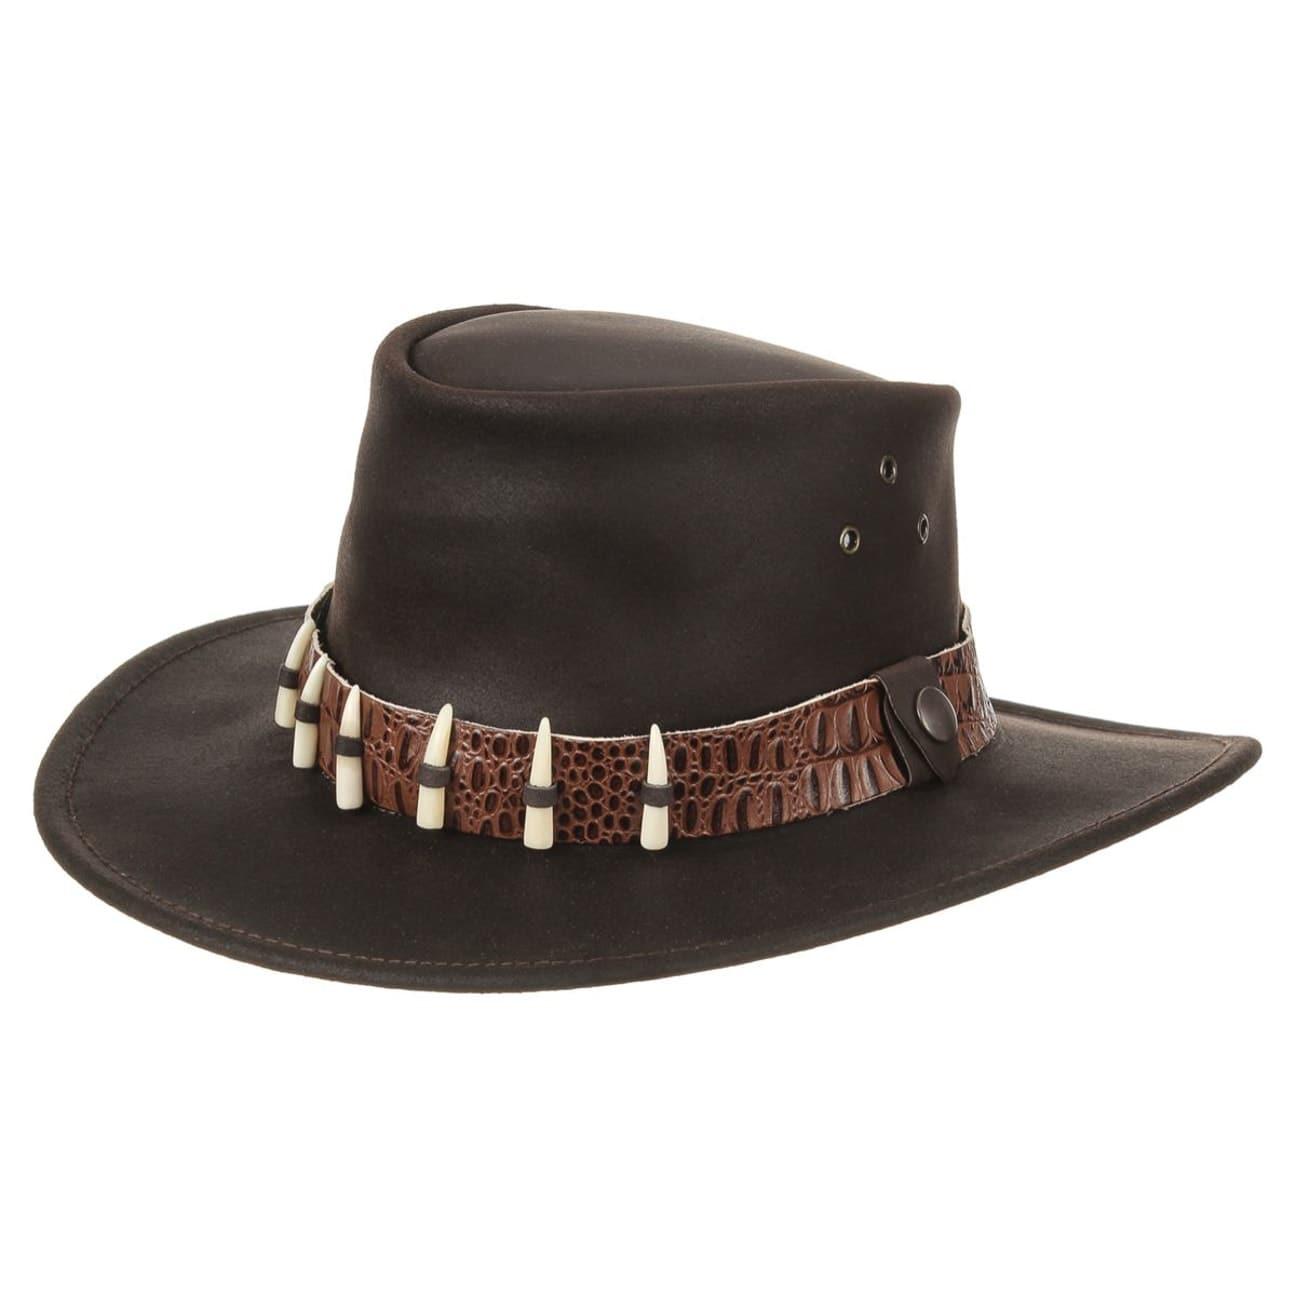 Sombrero de Piel Cape York by Jacaru - Sombreros - sombreroshop.es 18c721b51b2